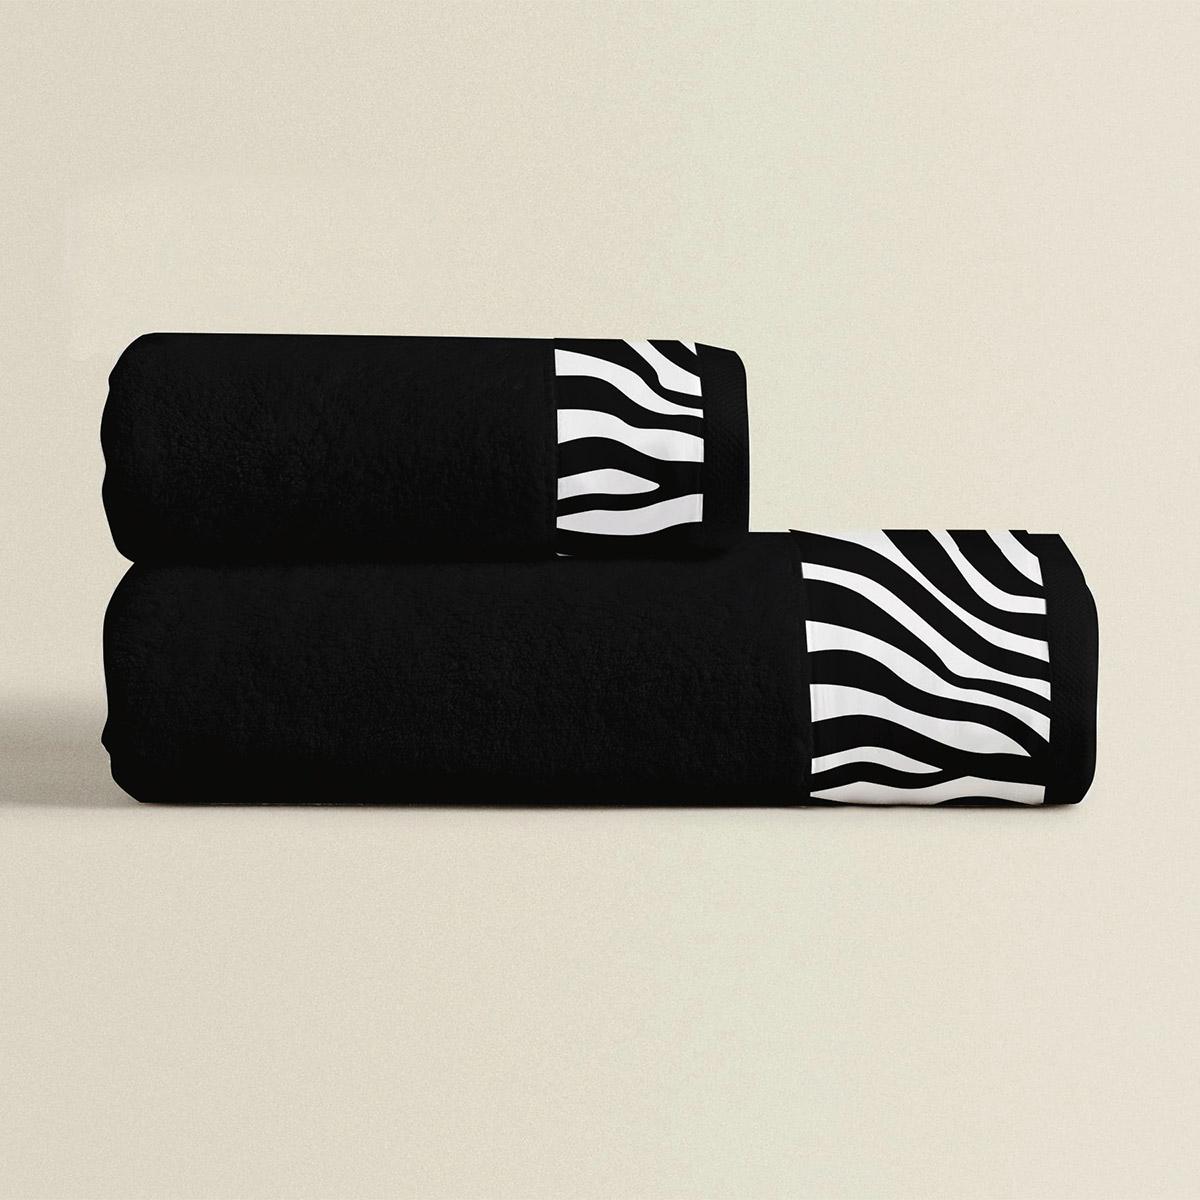 Πετσέτες Μπάνιου (Σετ 3τμχ) Makis Tselios Zebra